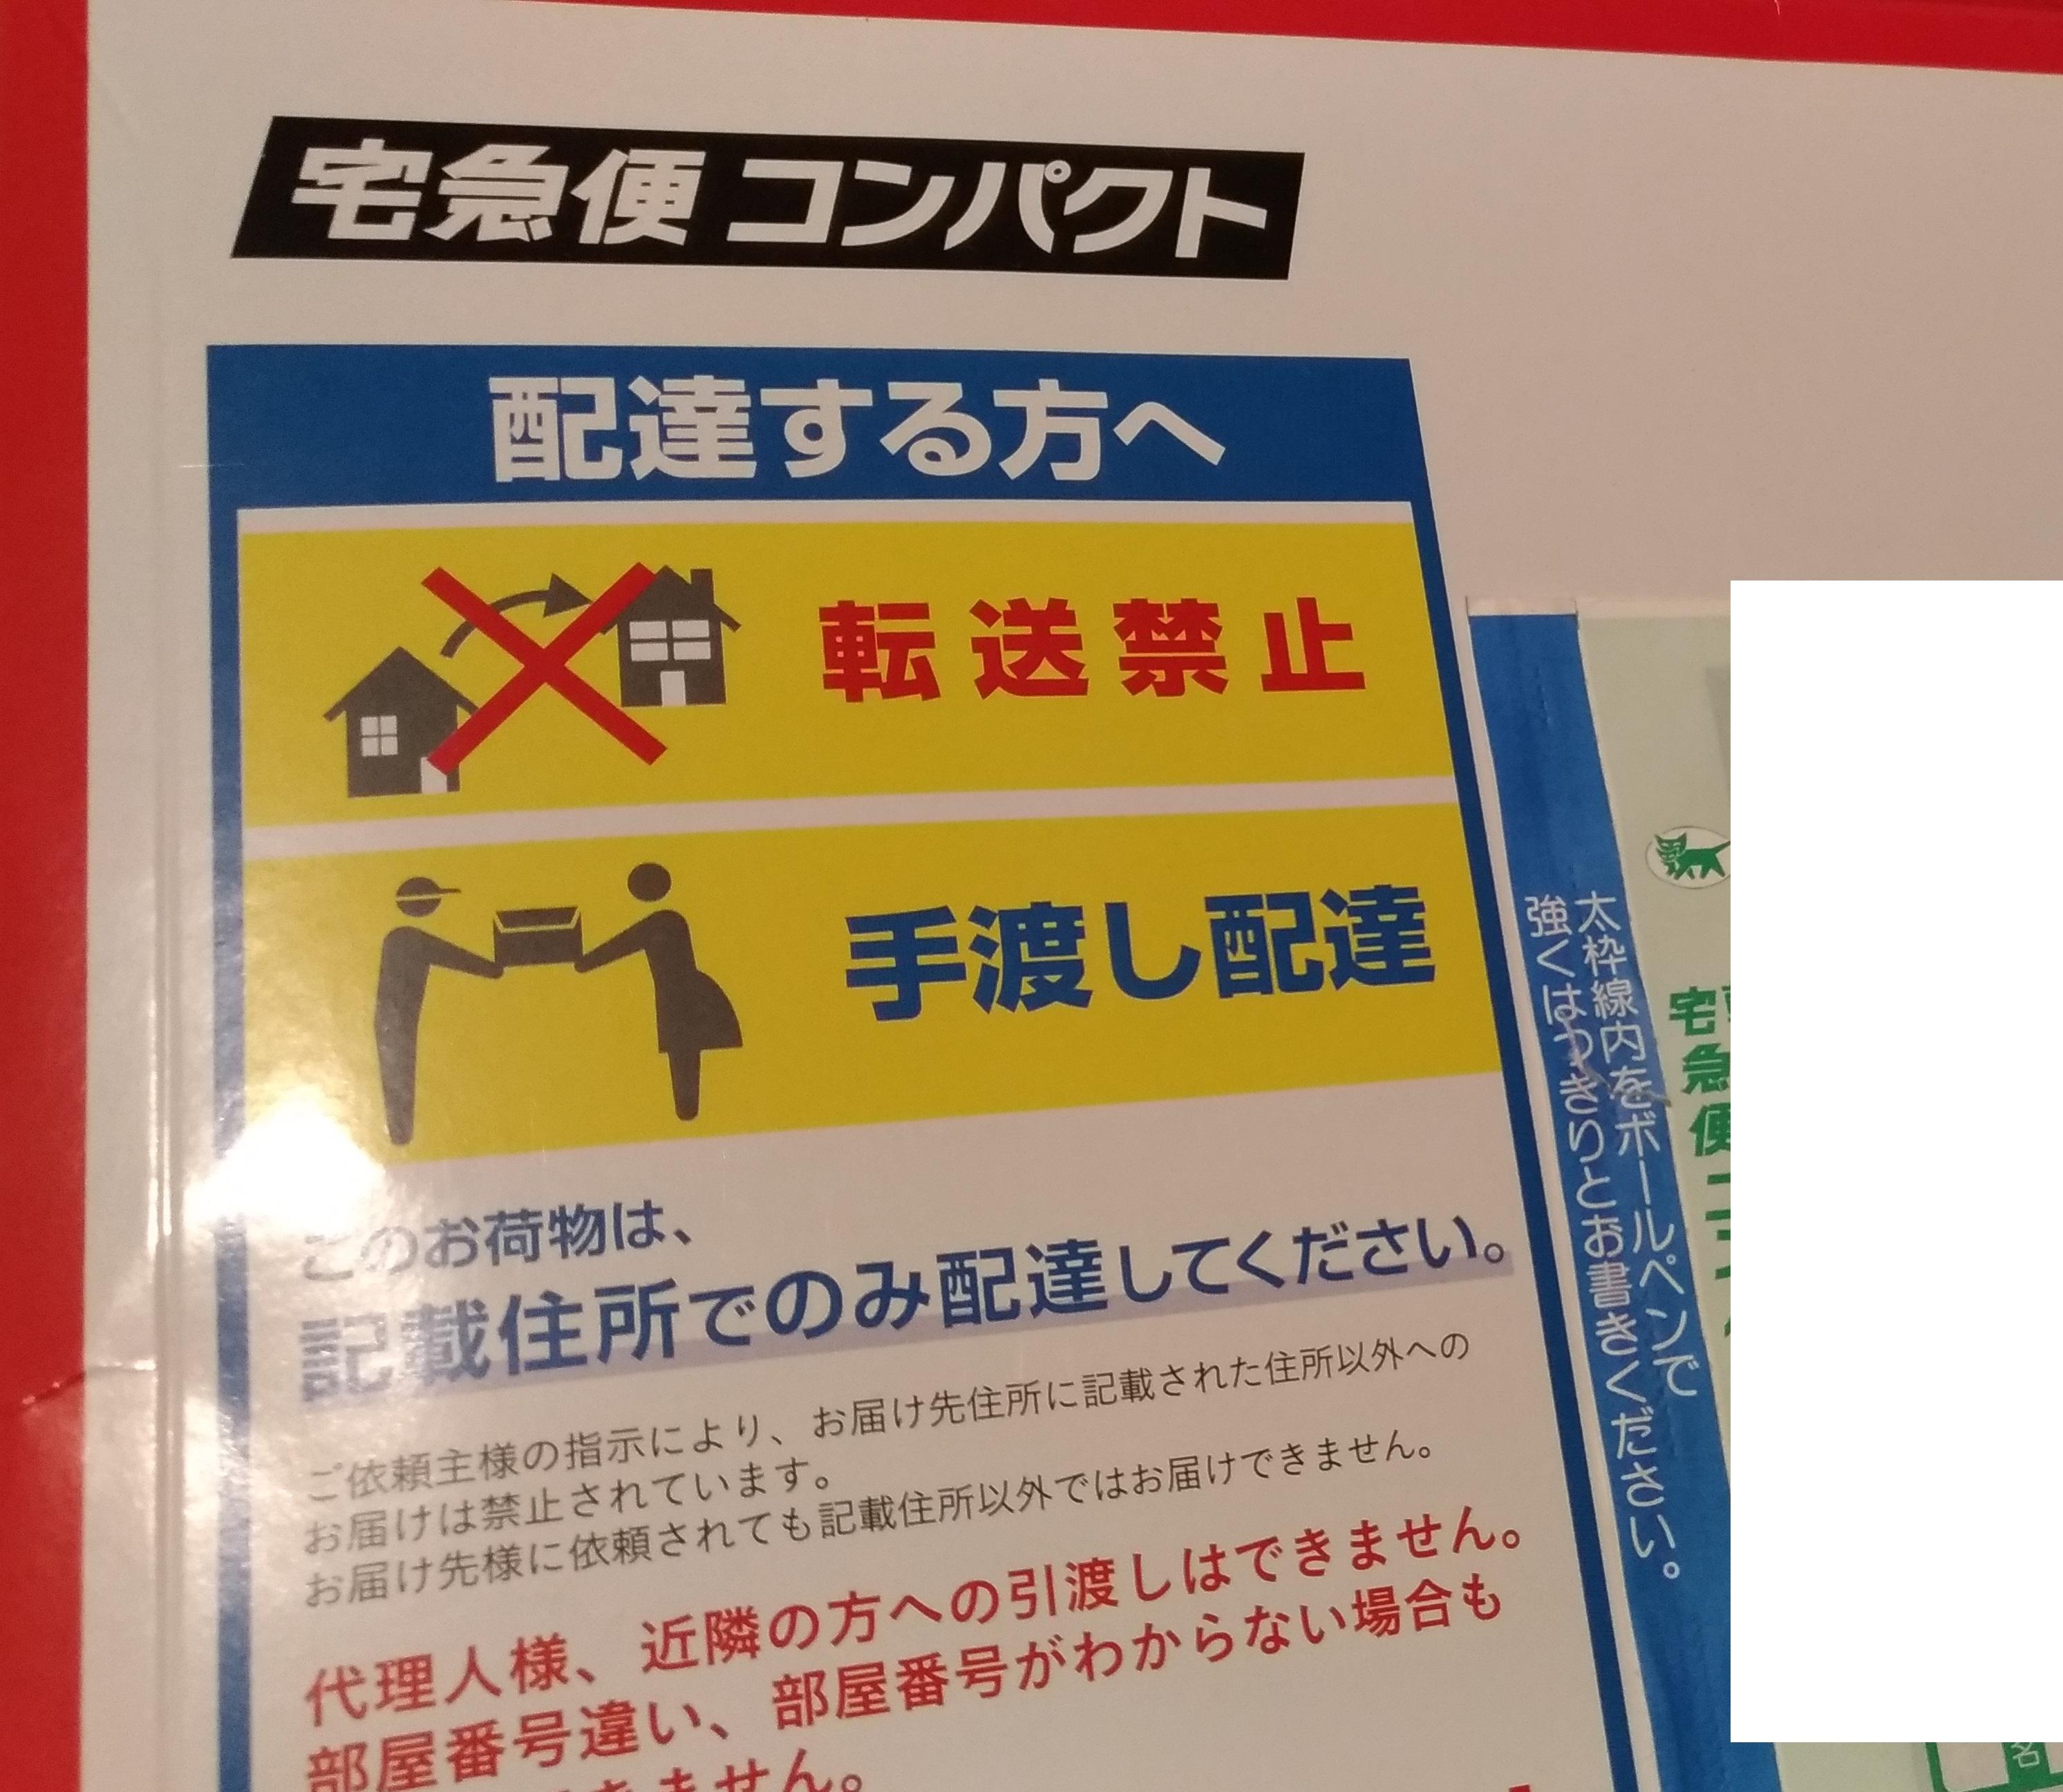 yamato_takkyubin_201909_1.jpg